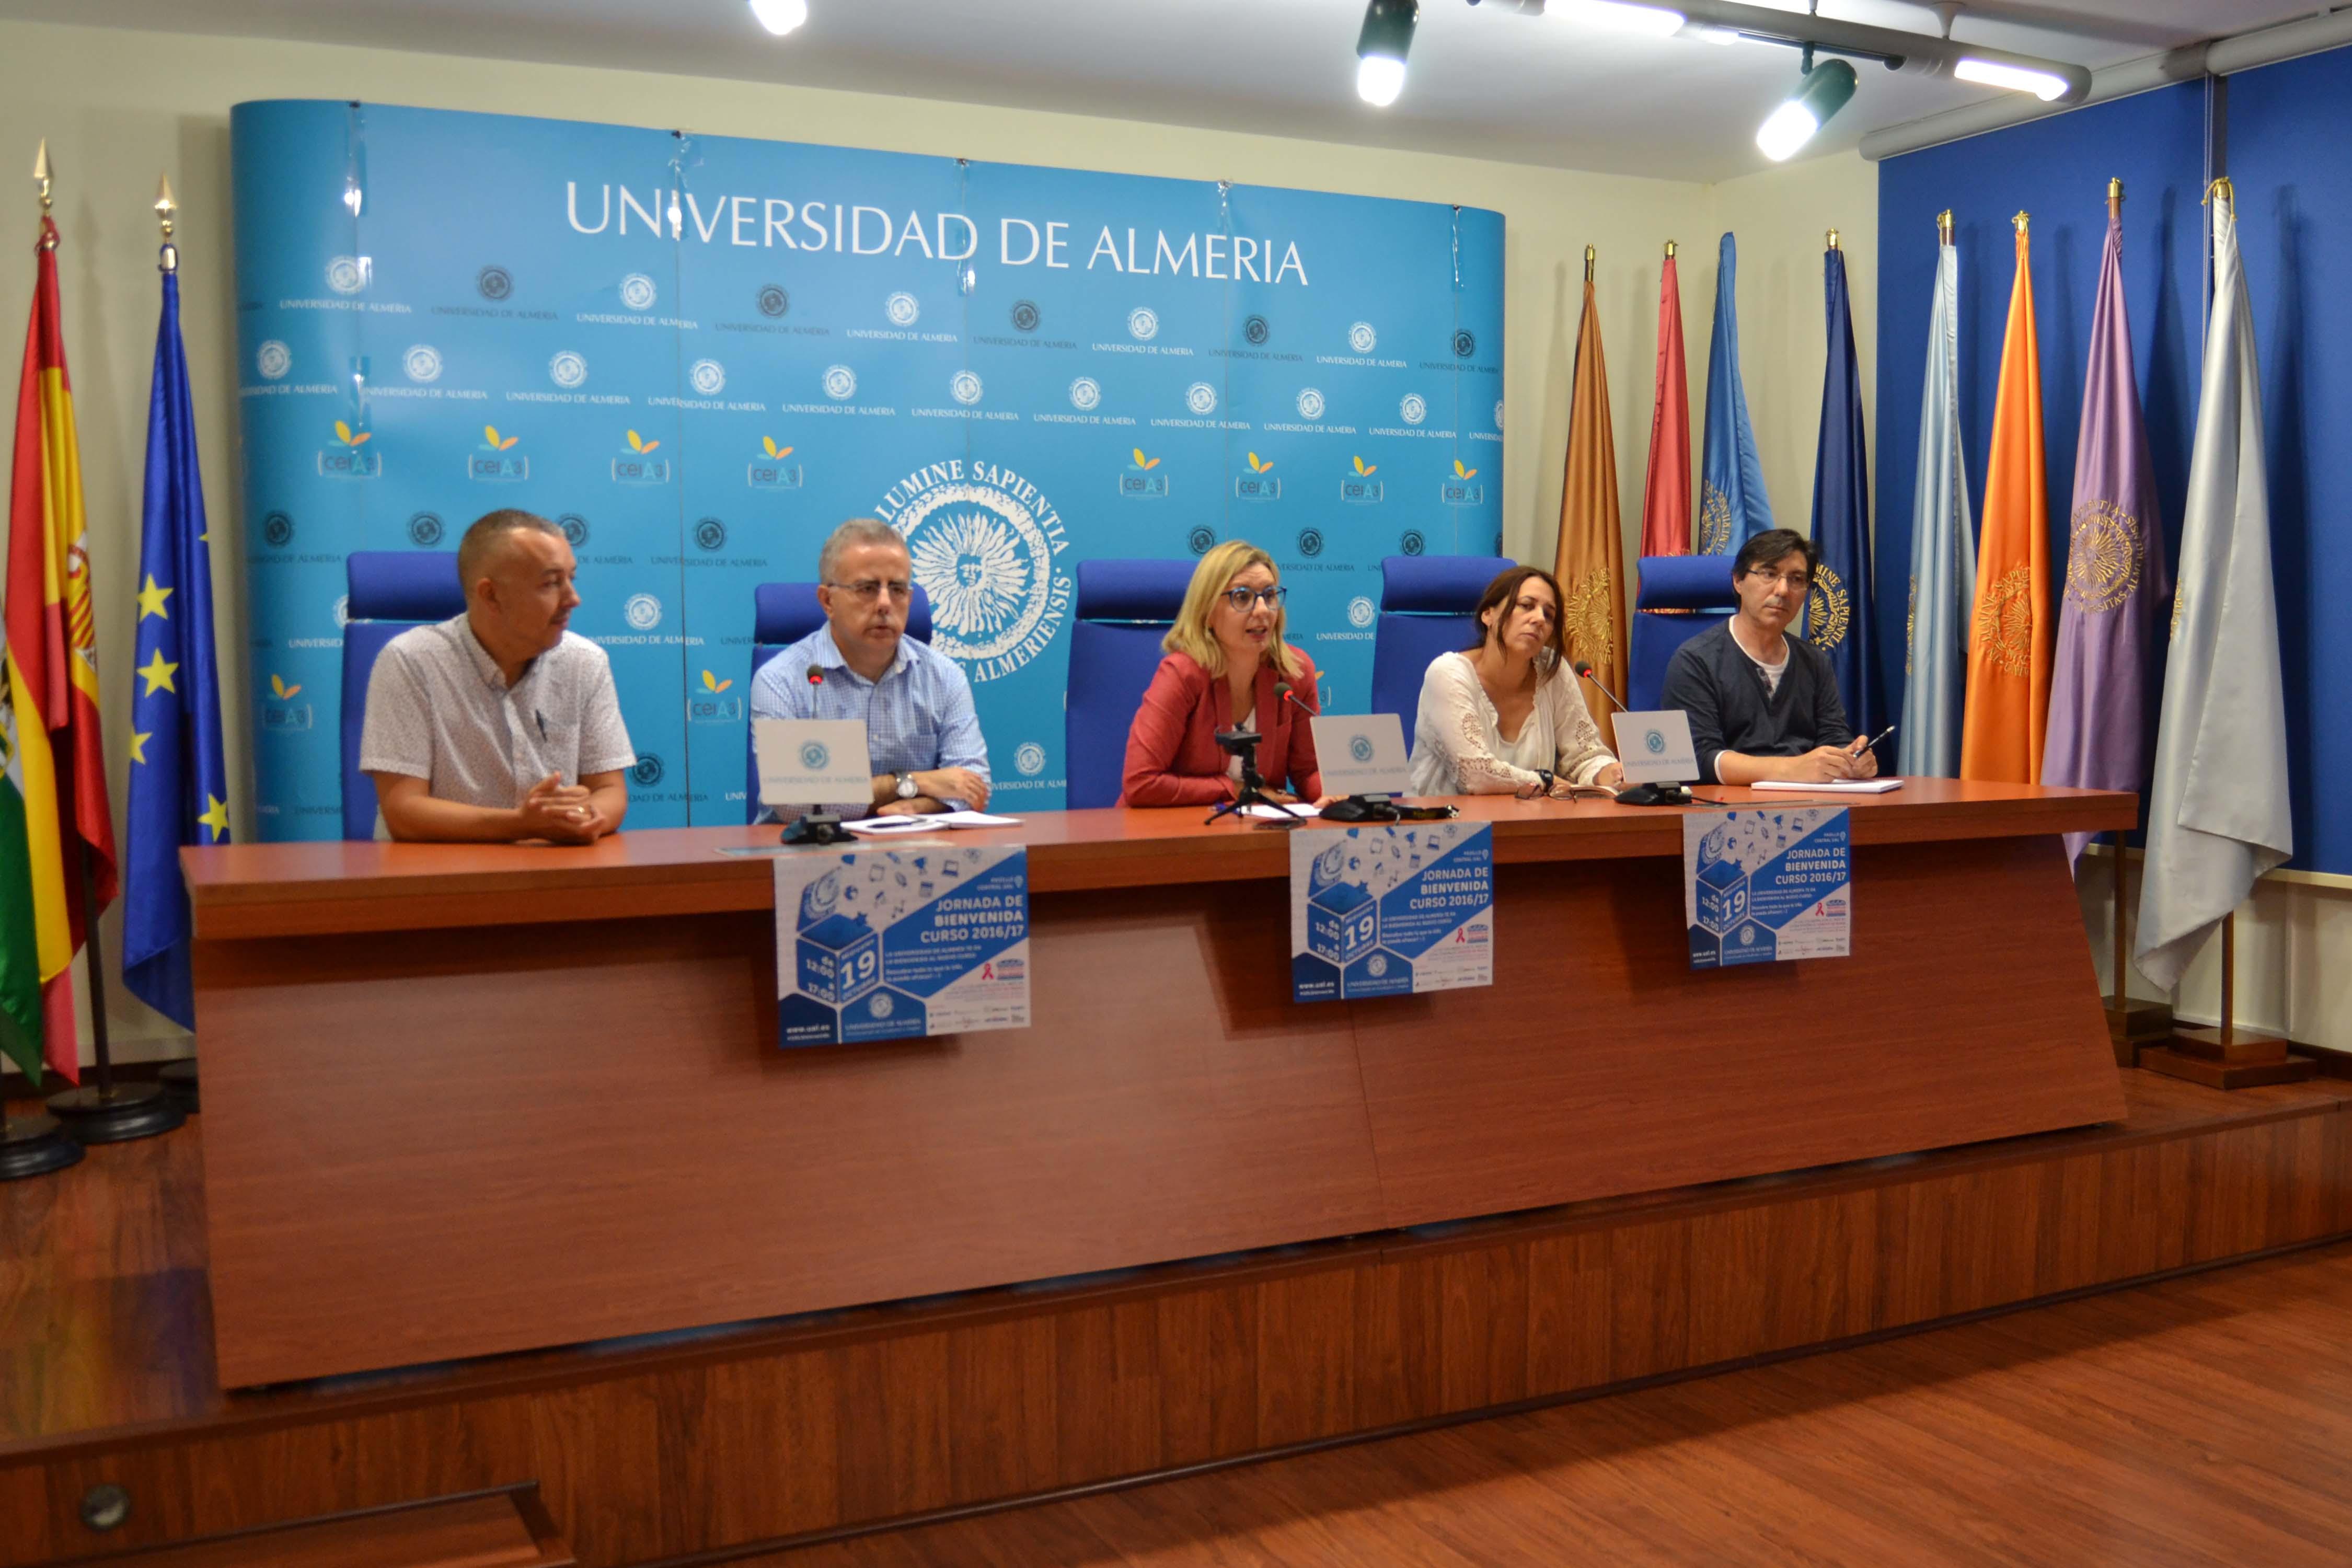 La UAL celebrará la Jornada de Bienvenida el próximo 19 de octubre ...